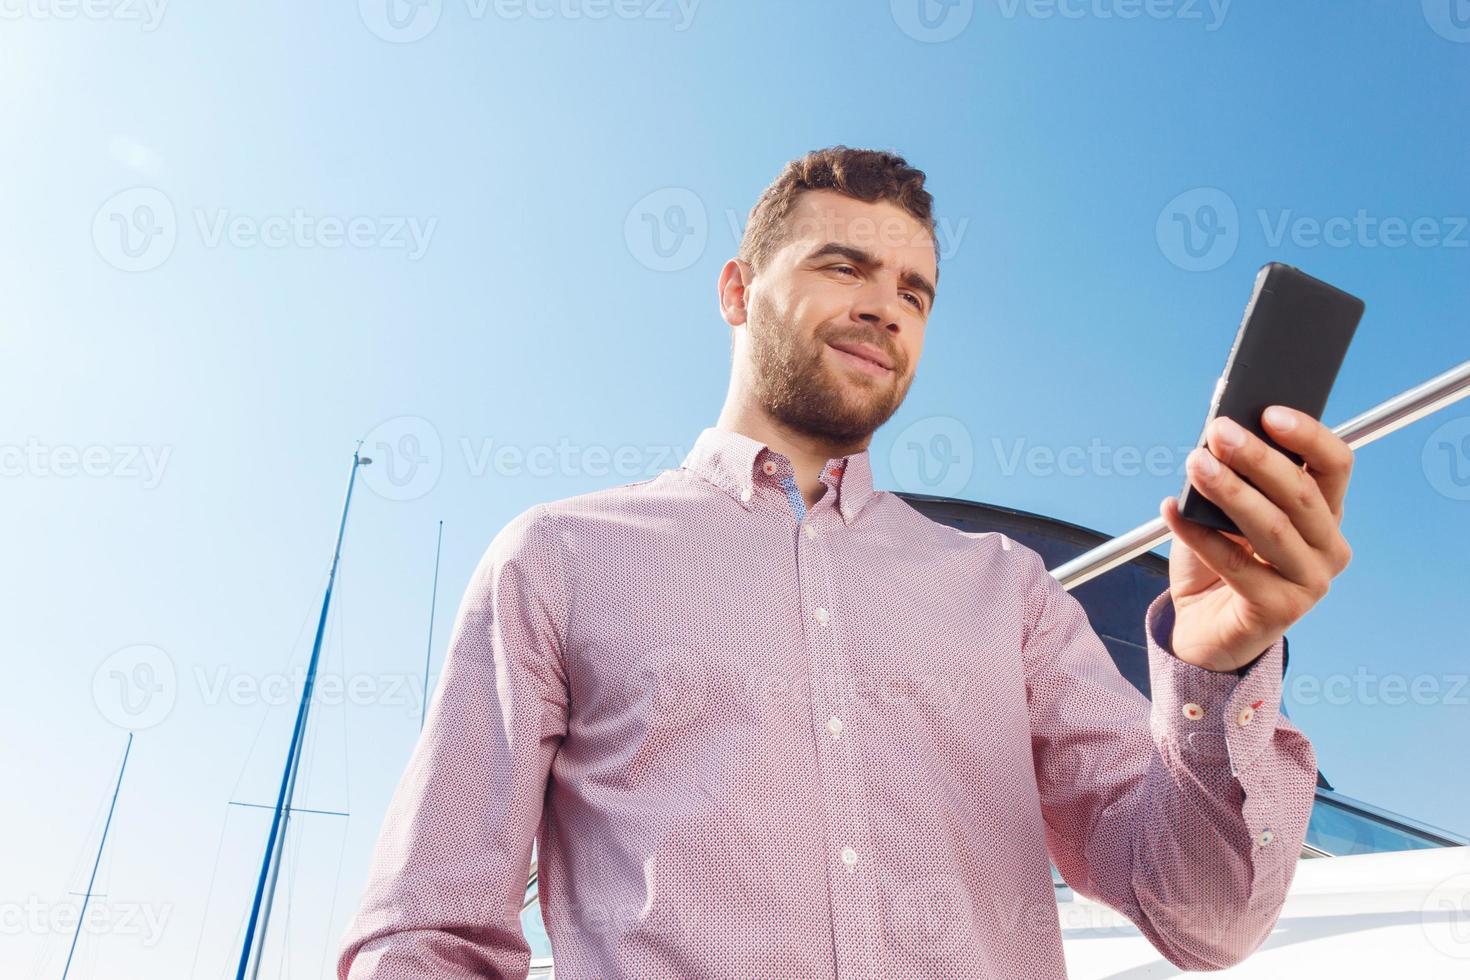 homme agréable tenant un téléphone mobile photo